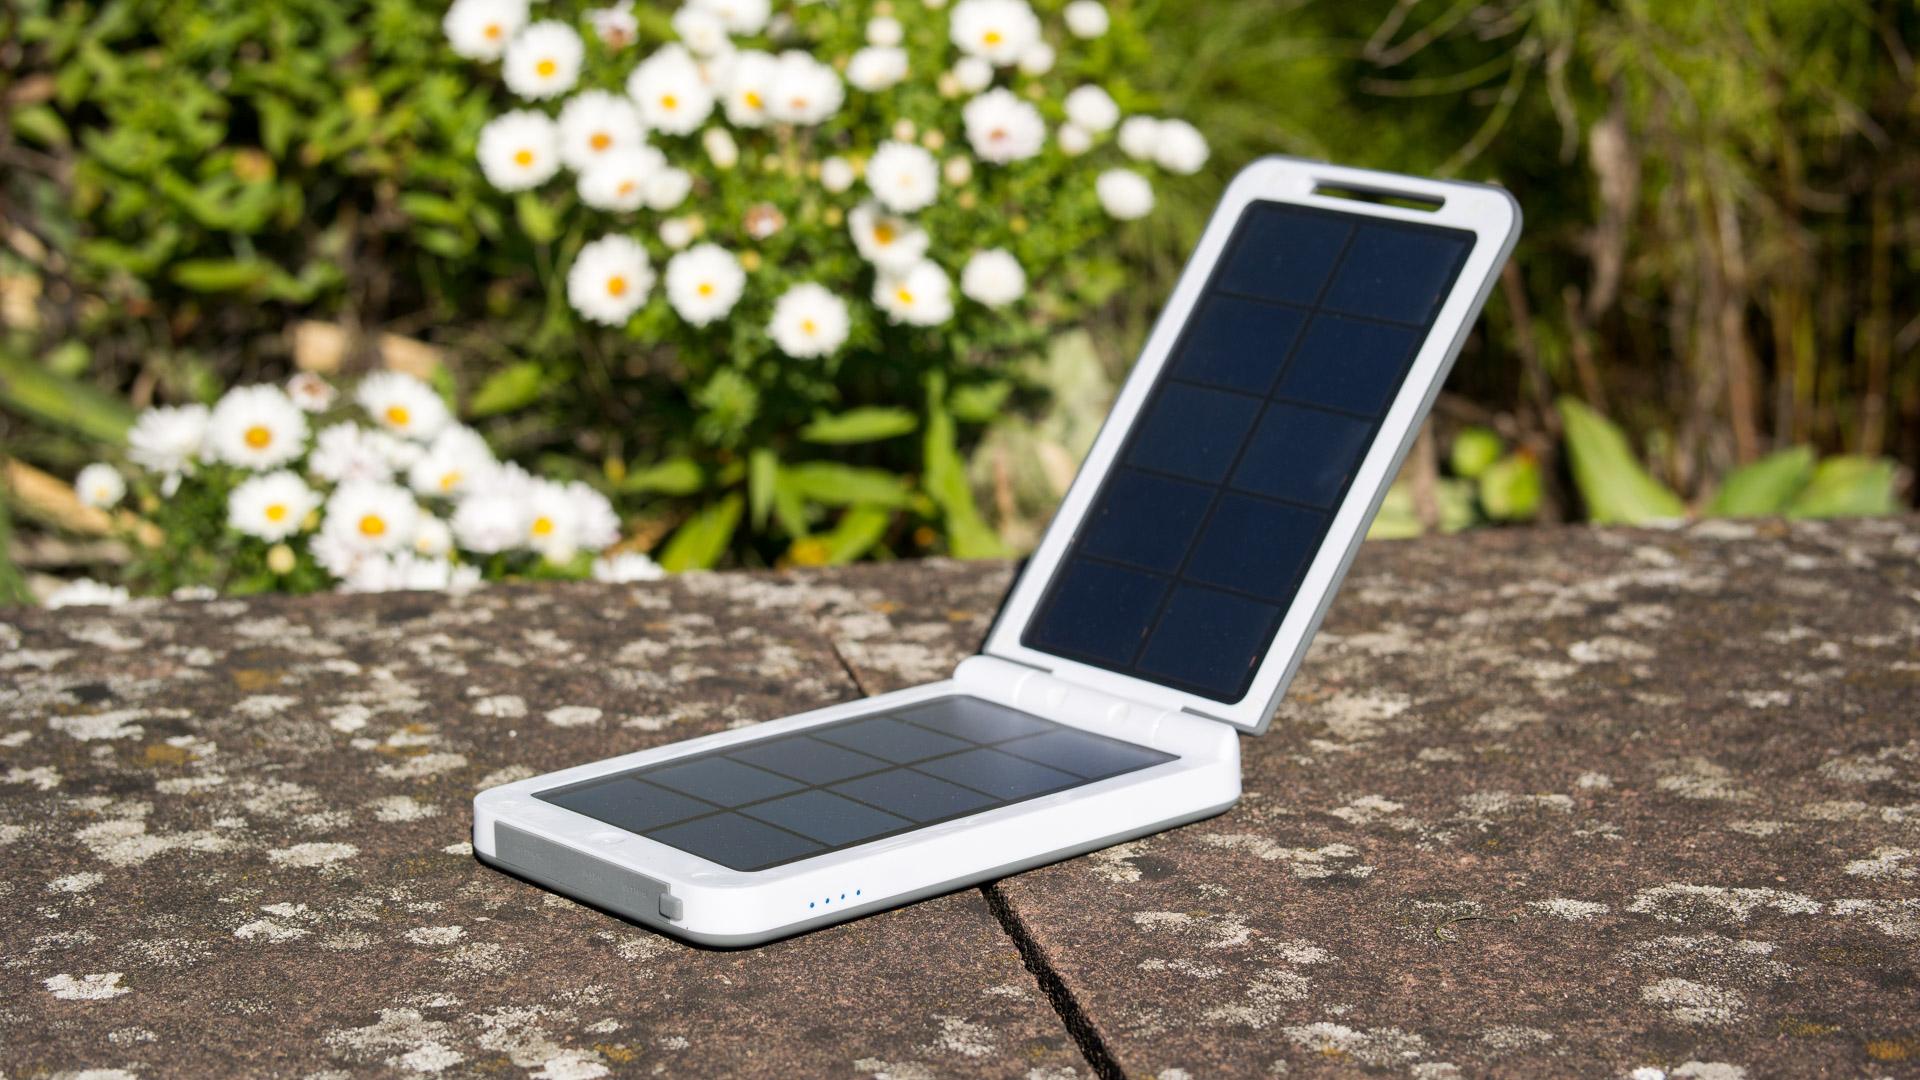 die beste solar powerbank auf dem markt xtorm am120. Black Bedroom Furniture Sets. Home Design Ideas